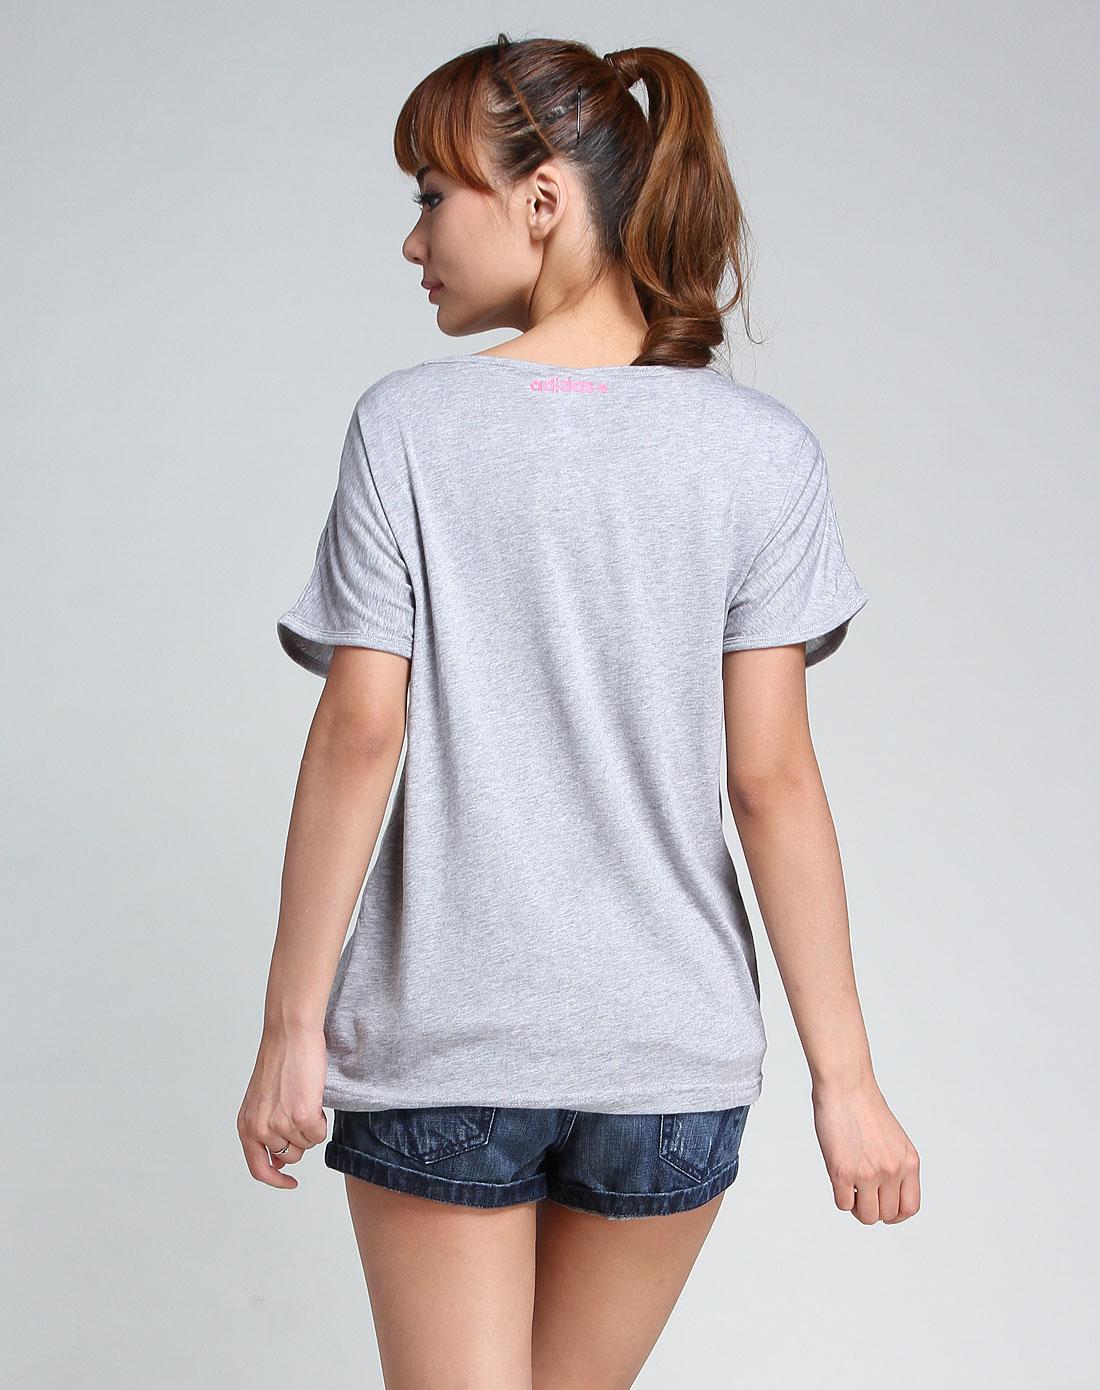 灰/玫红色圆领短袖t恤